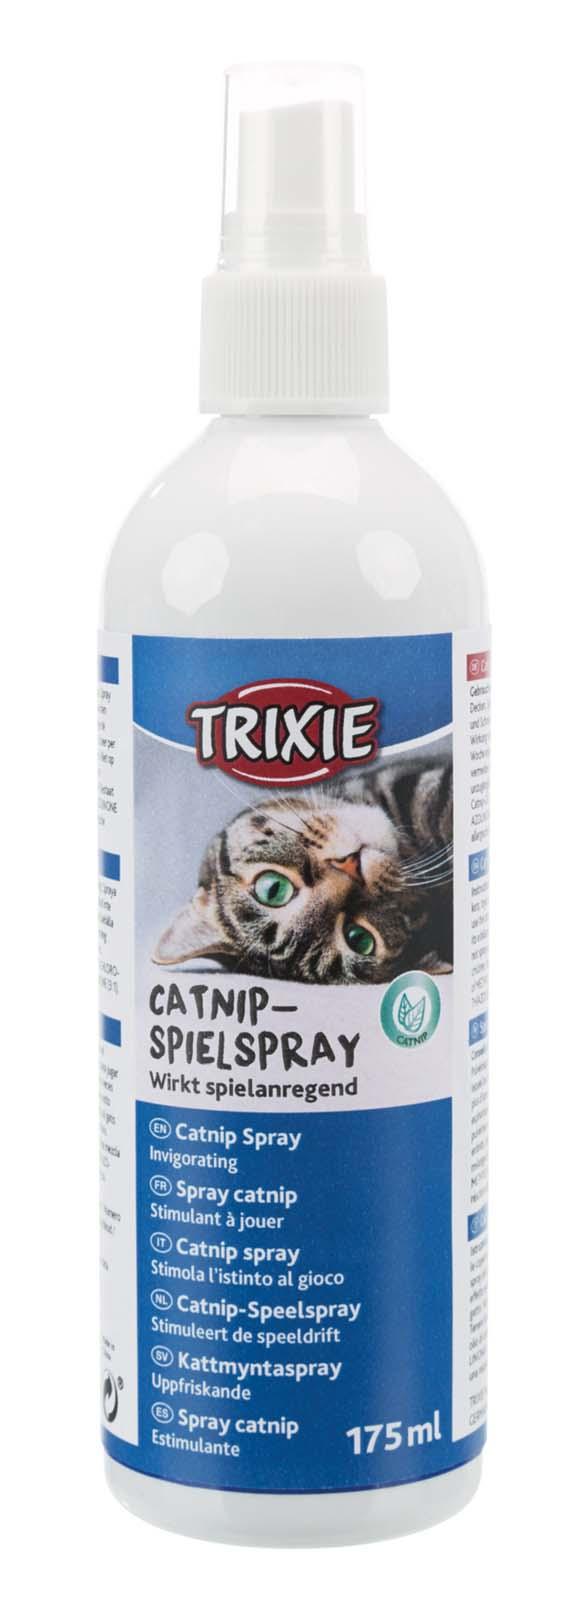 Kattmynta Spray - 175 ml